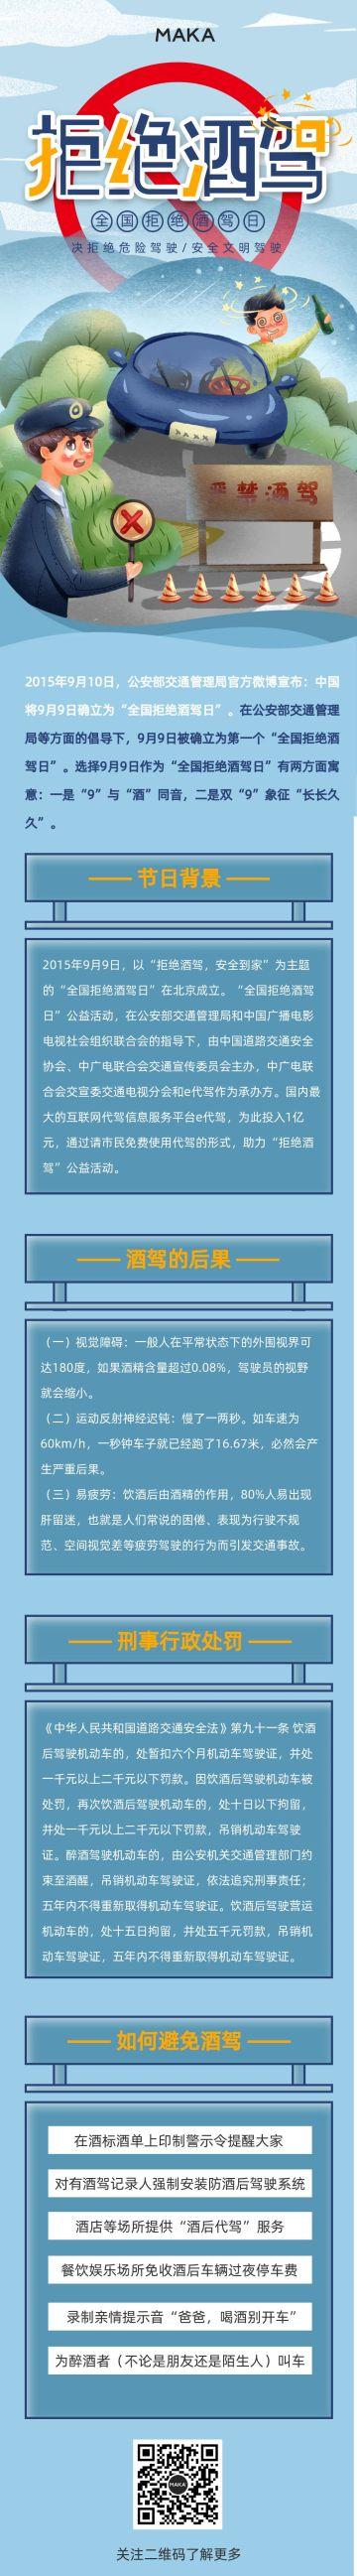 蓝色简约拒绝酒驾公益宣传长图